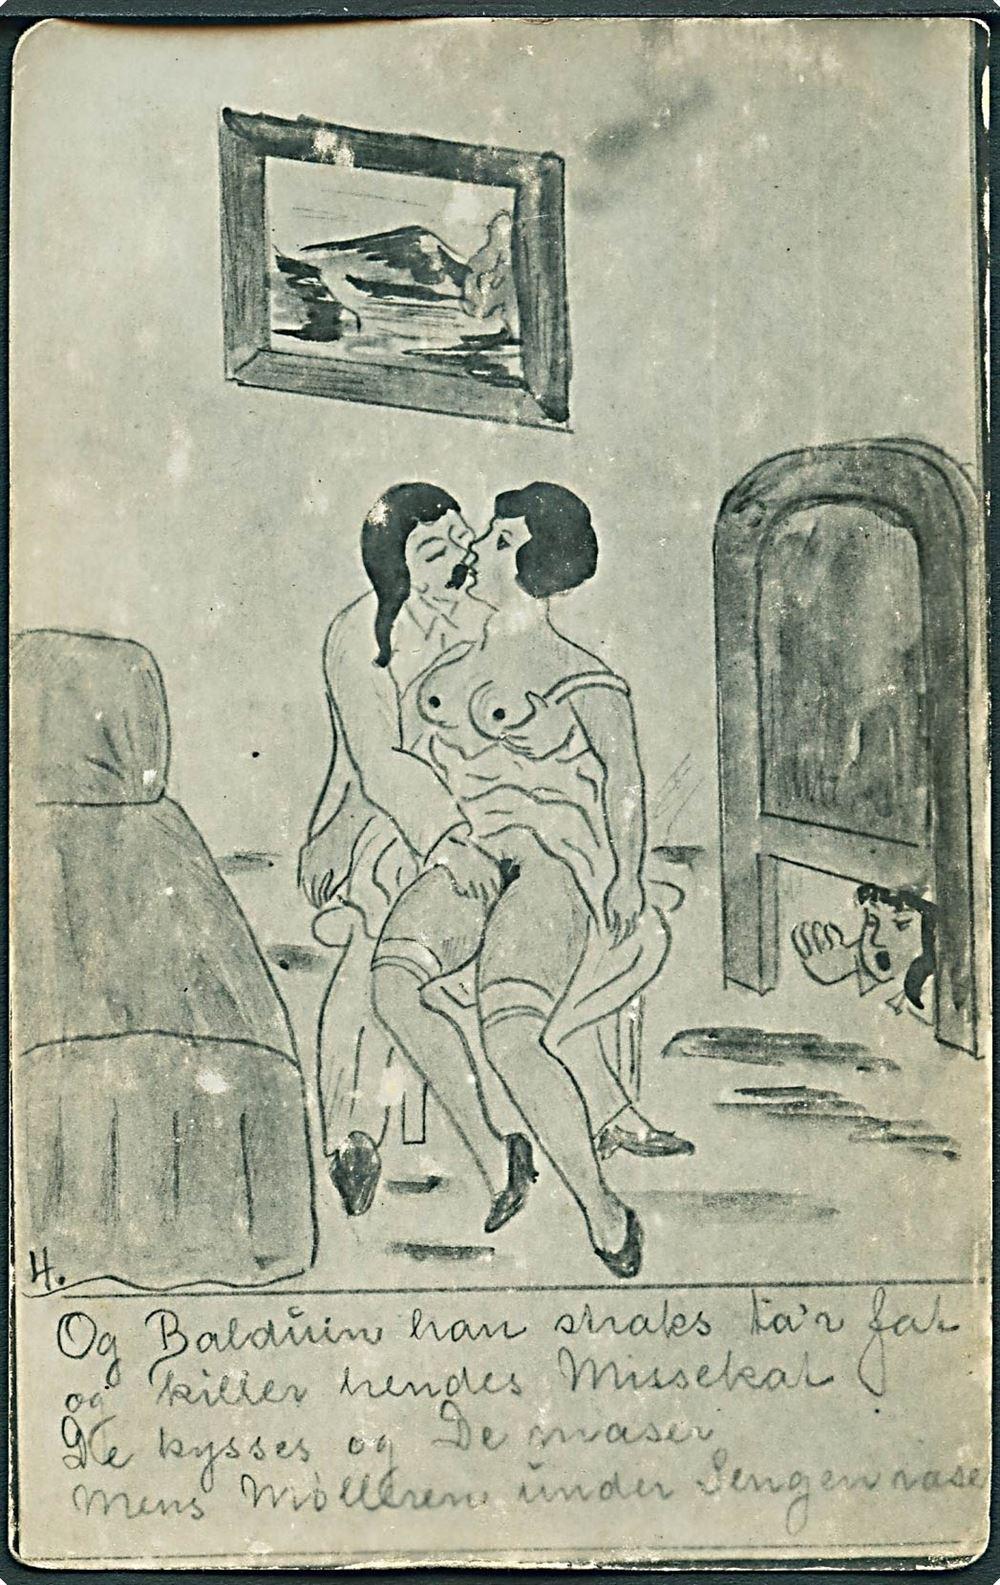 norge dating dansk erotikk